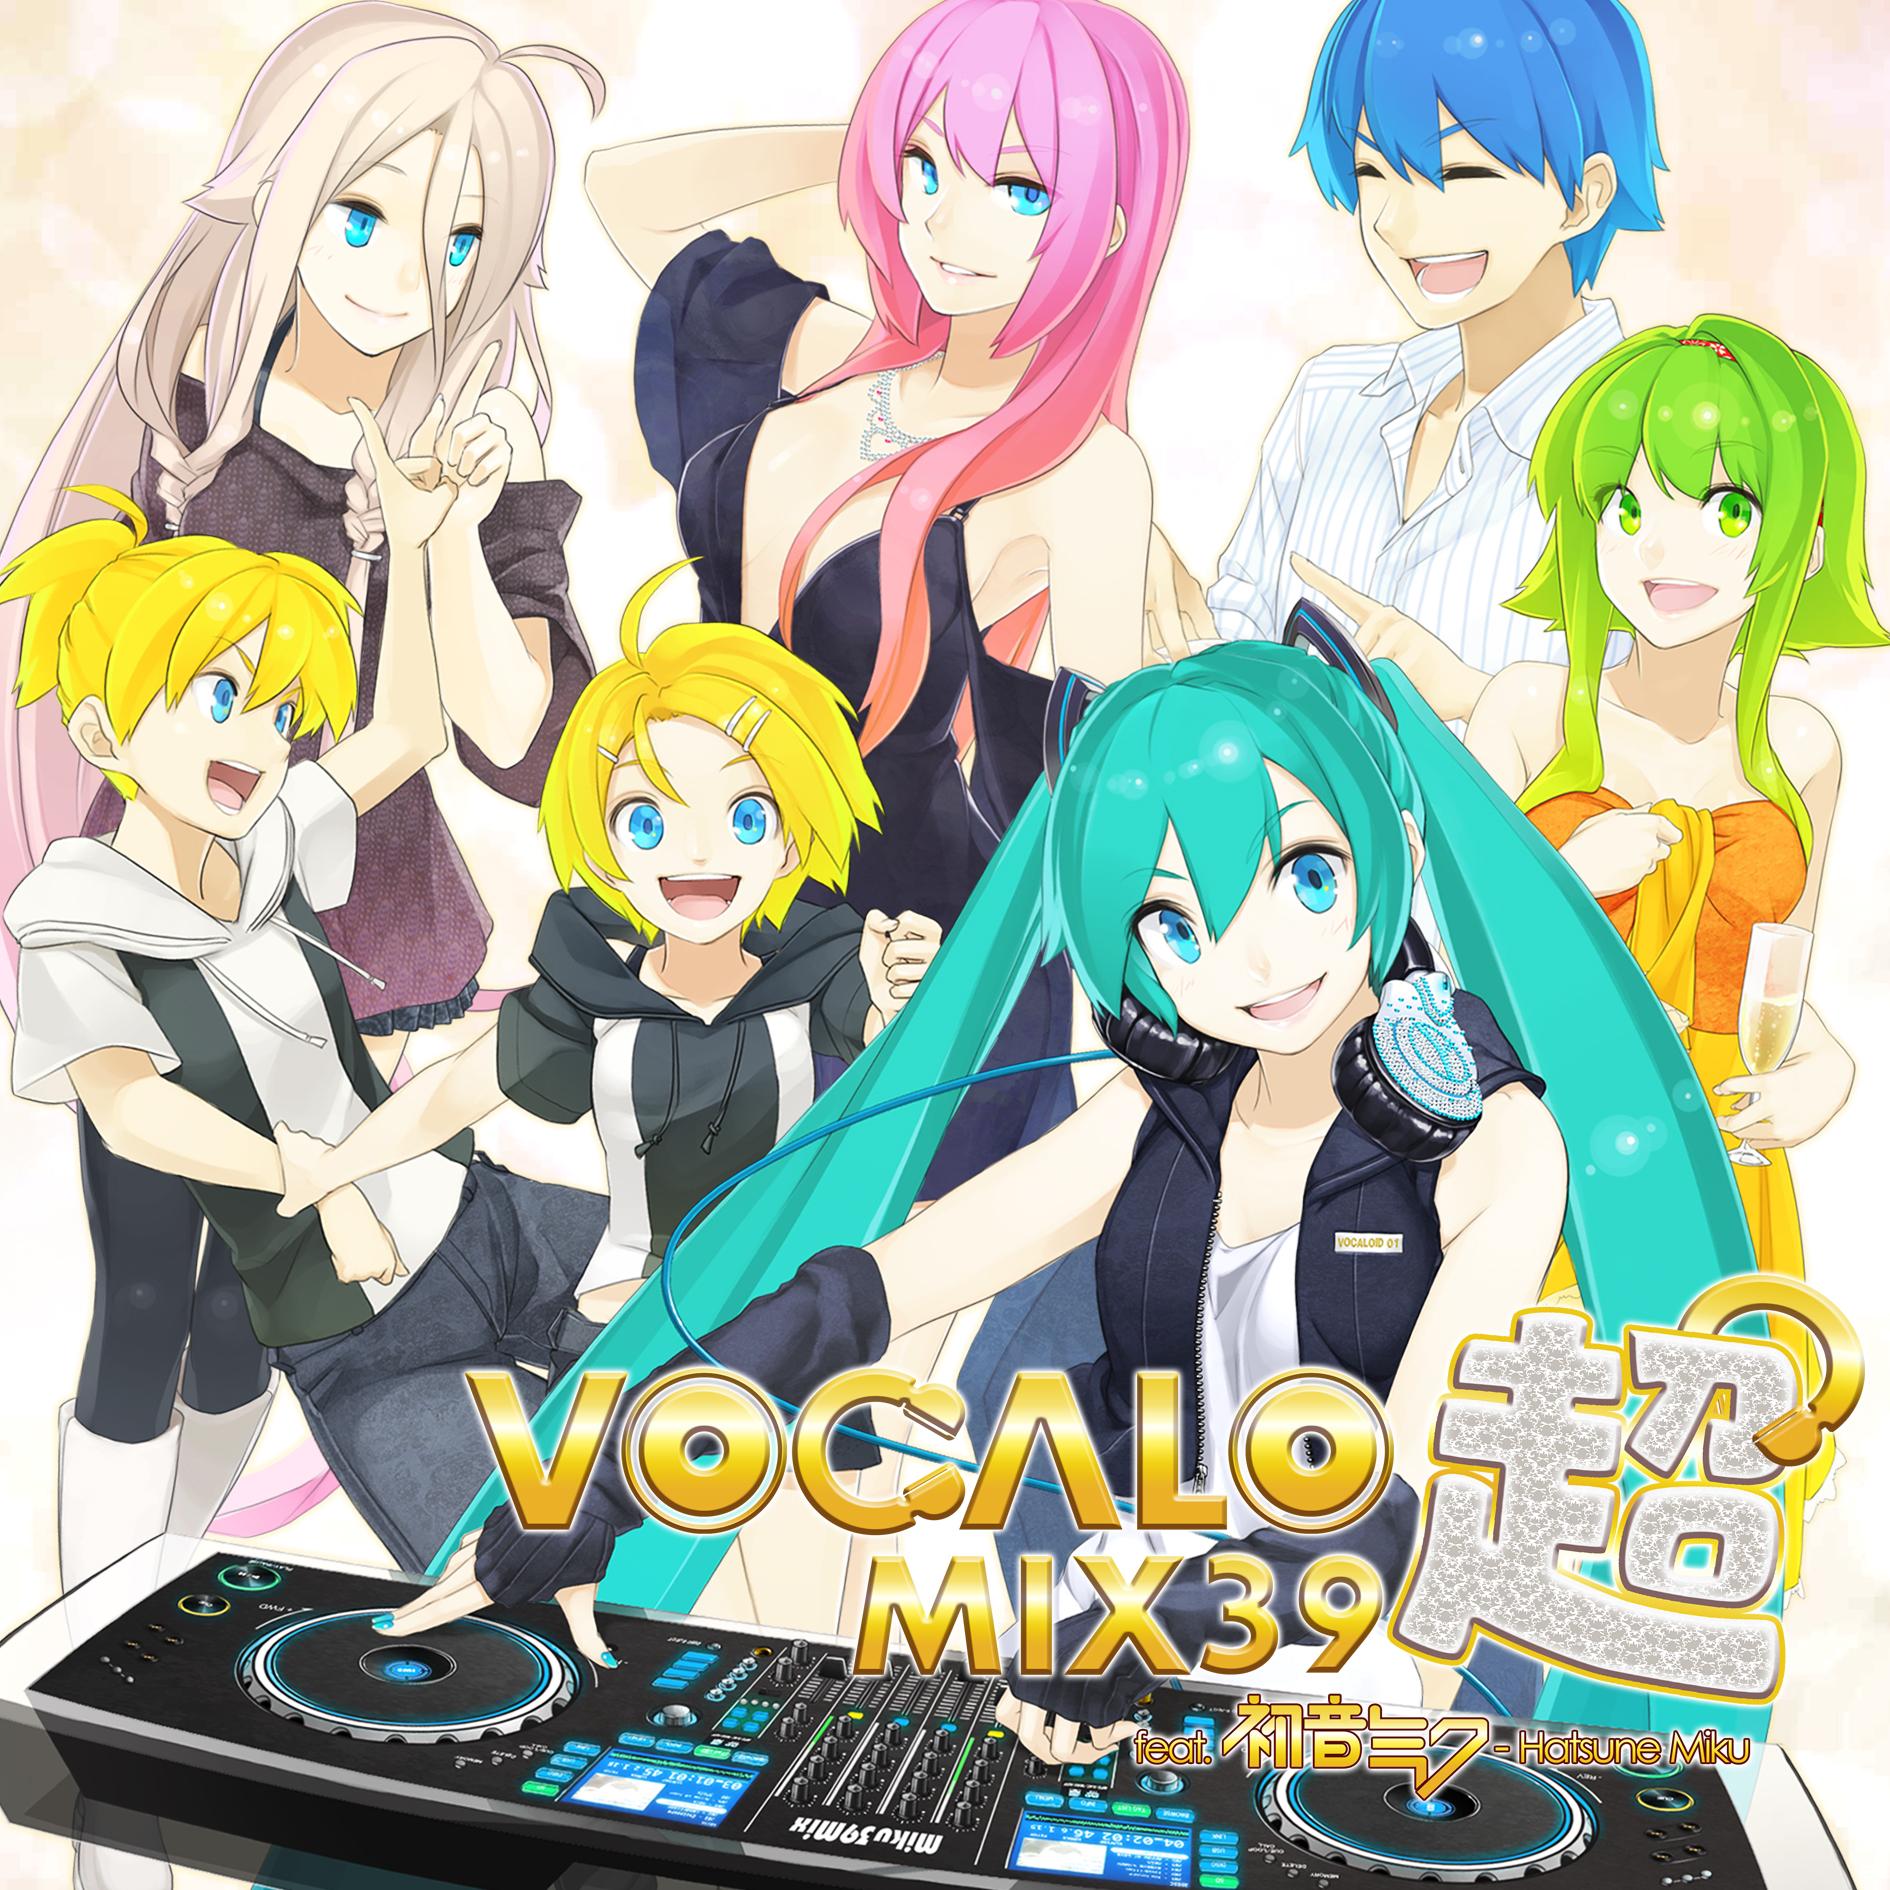 ボカロ超ミックス feat. 初音ミク (Vocaloid Choumix feat. Hatsune Miku) (album)